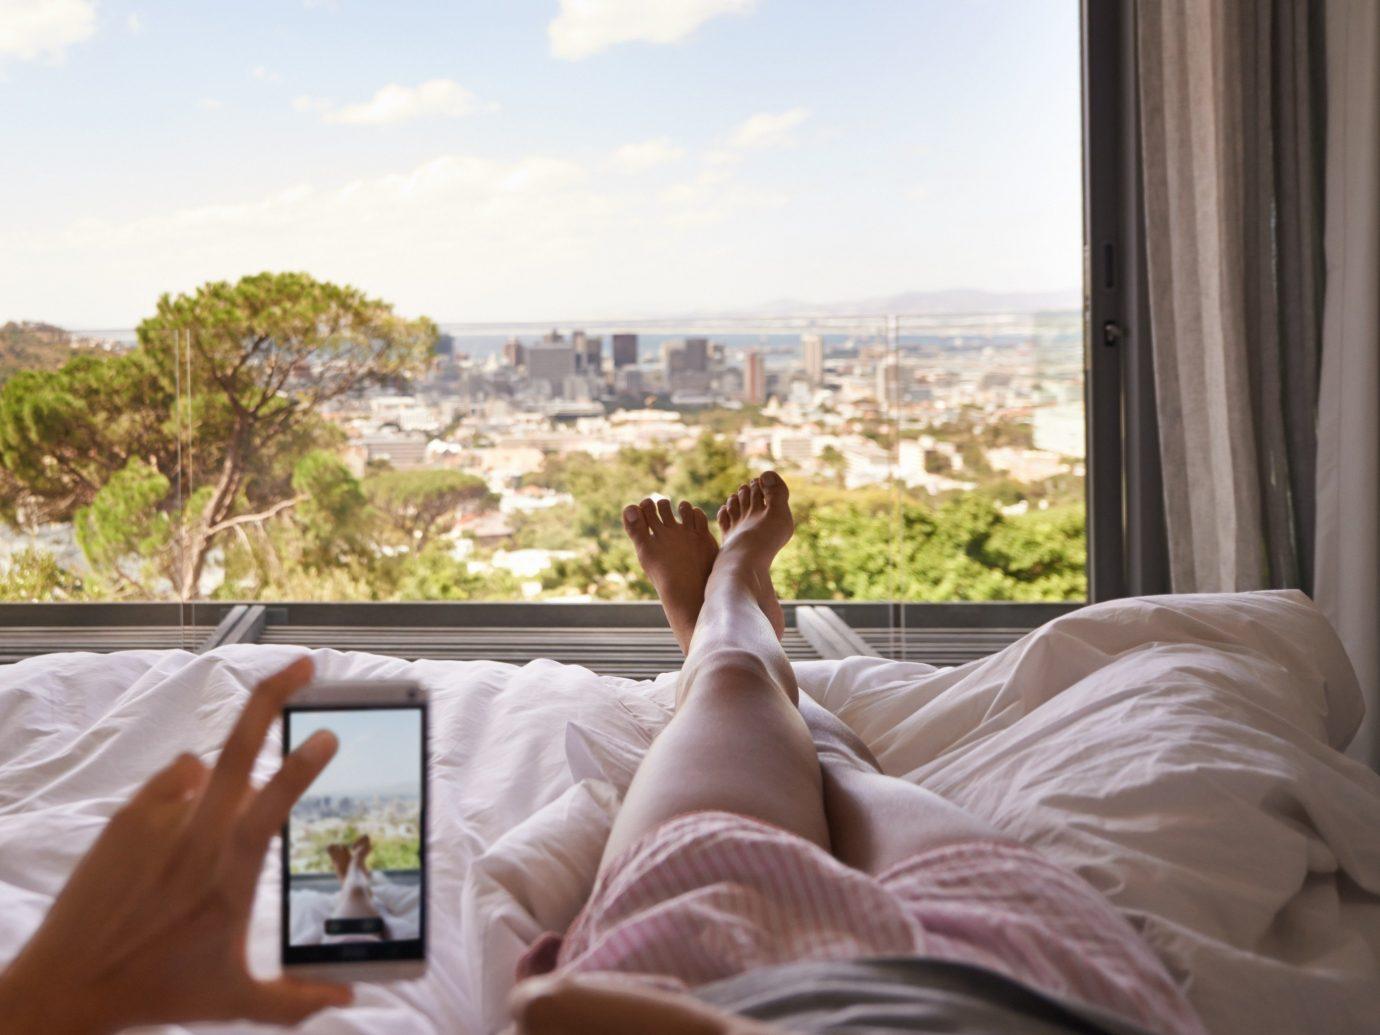 Hotels bed indoor window home interior design bedclothes